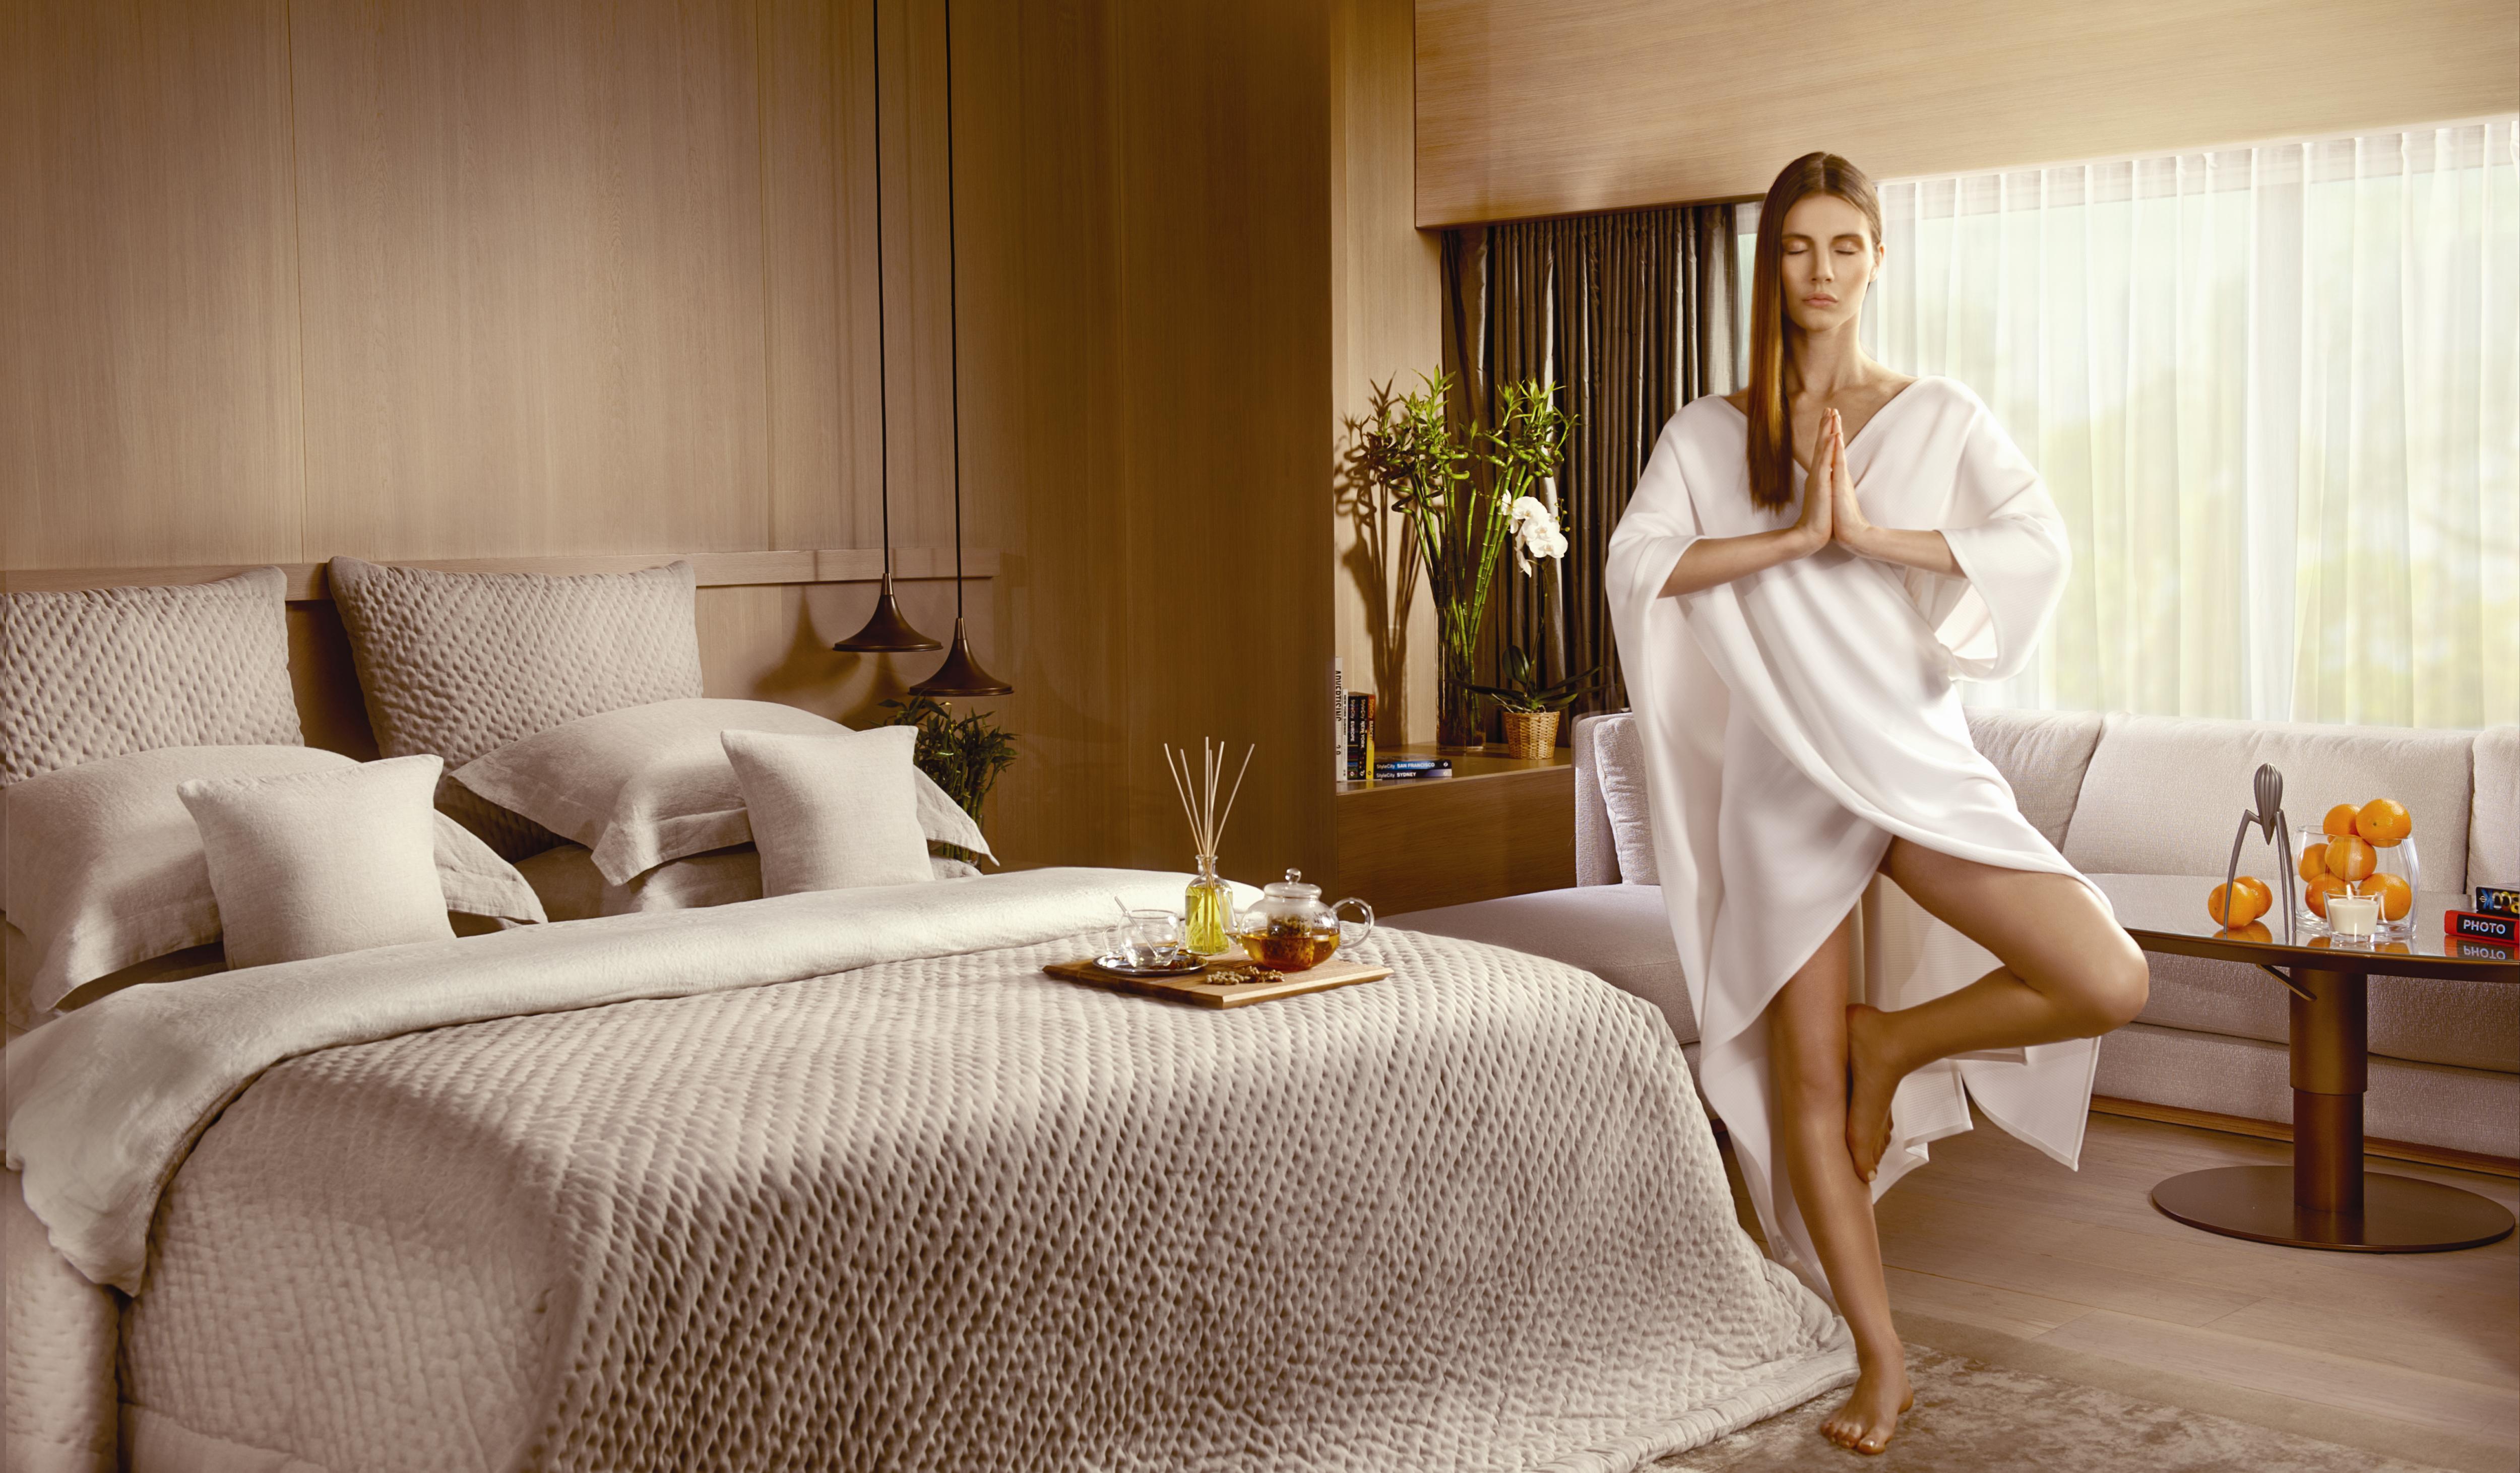 linge de lit turquie Hamam, du linge superbe venu de Turquie | FIRSTLUXE linge de lit turquie